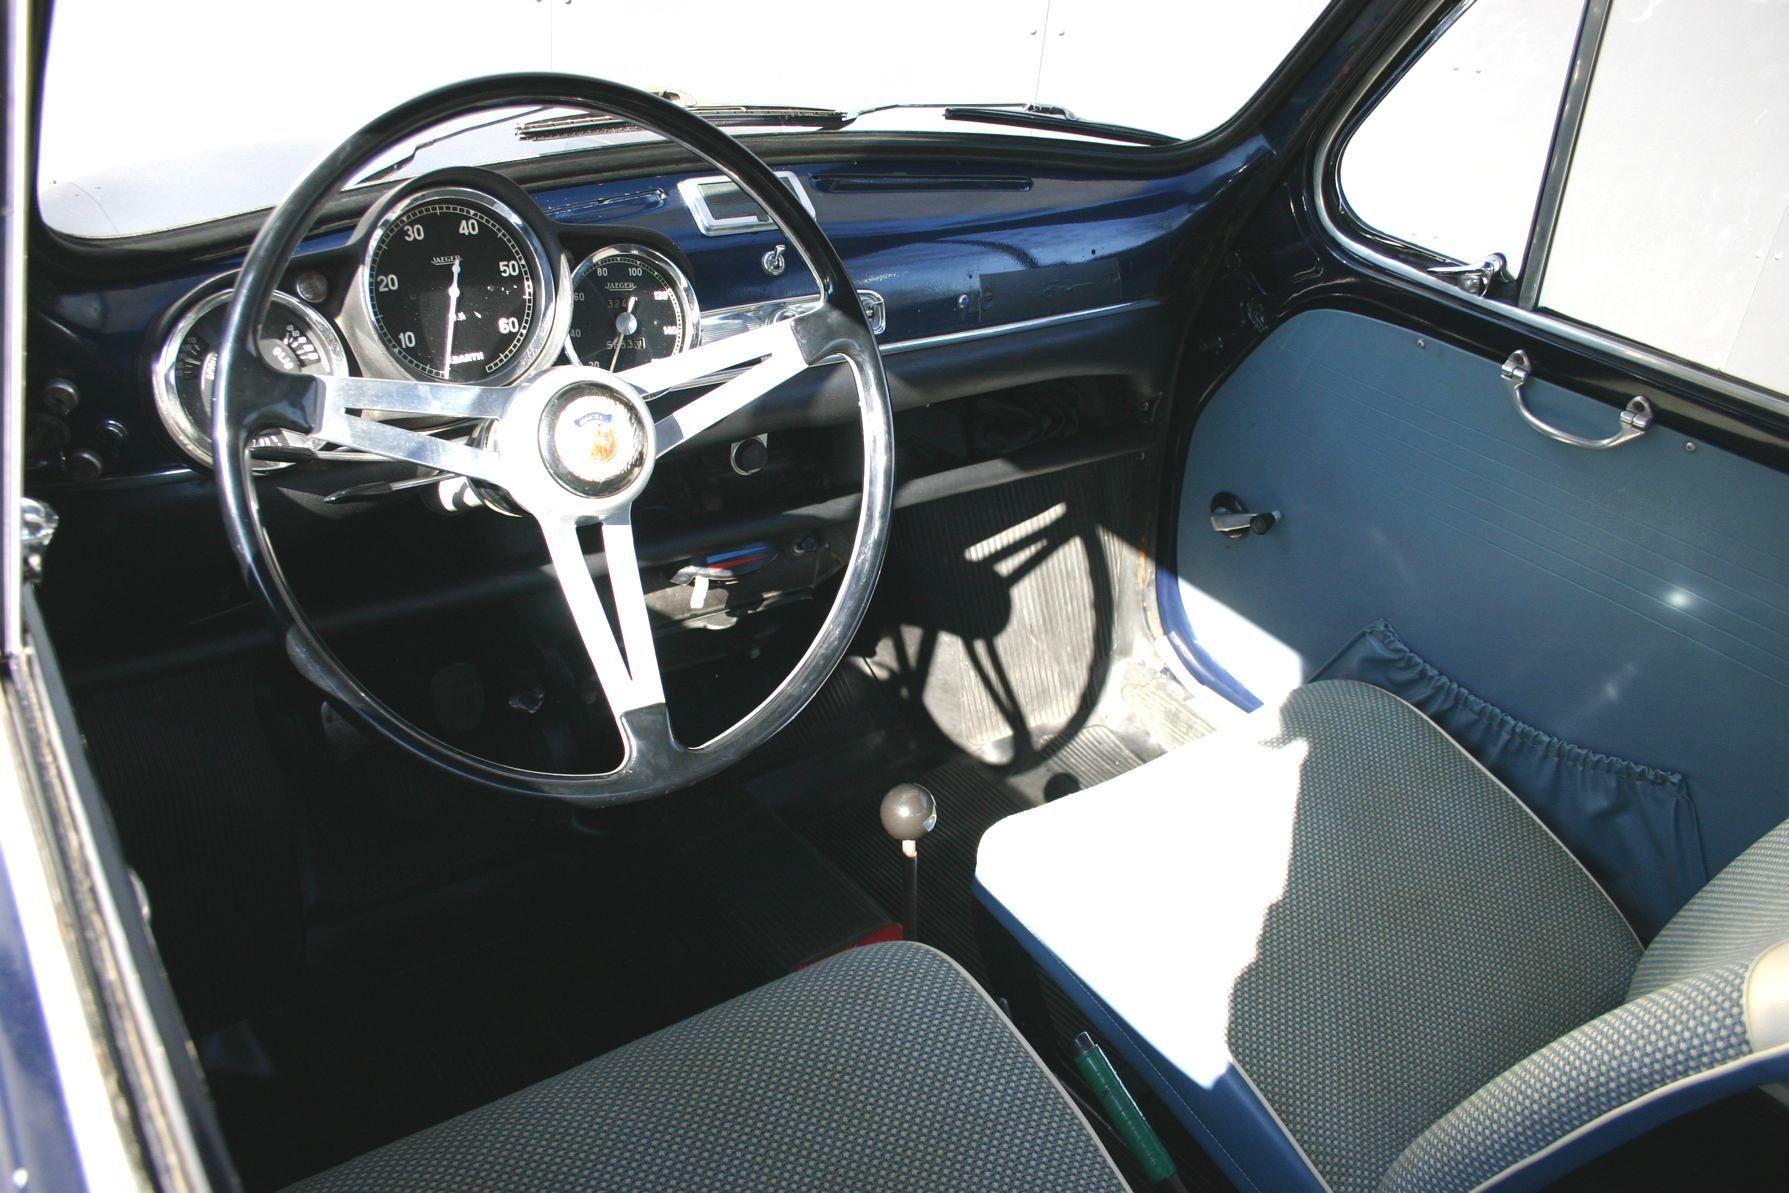 Abarth 850 Tc Nurburgring Con Imagenes Bianchi Interiores